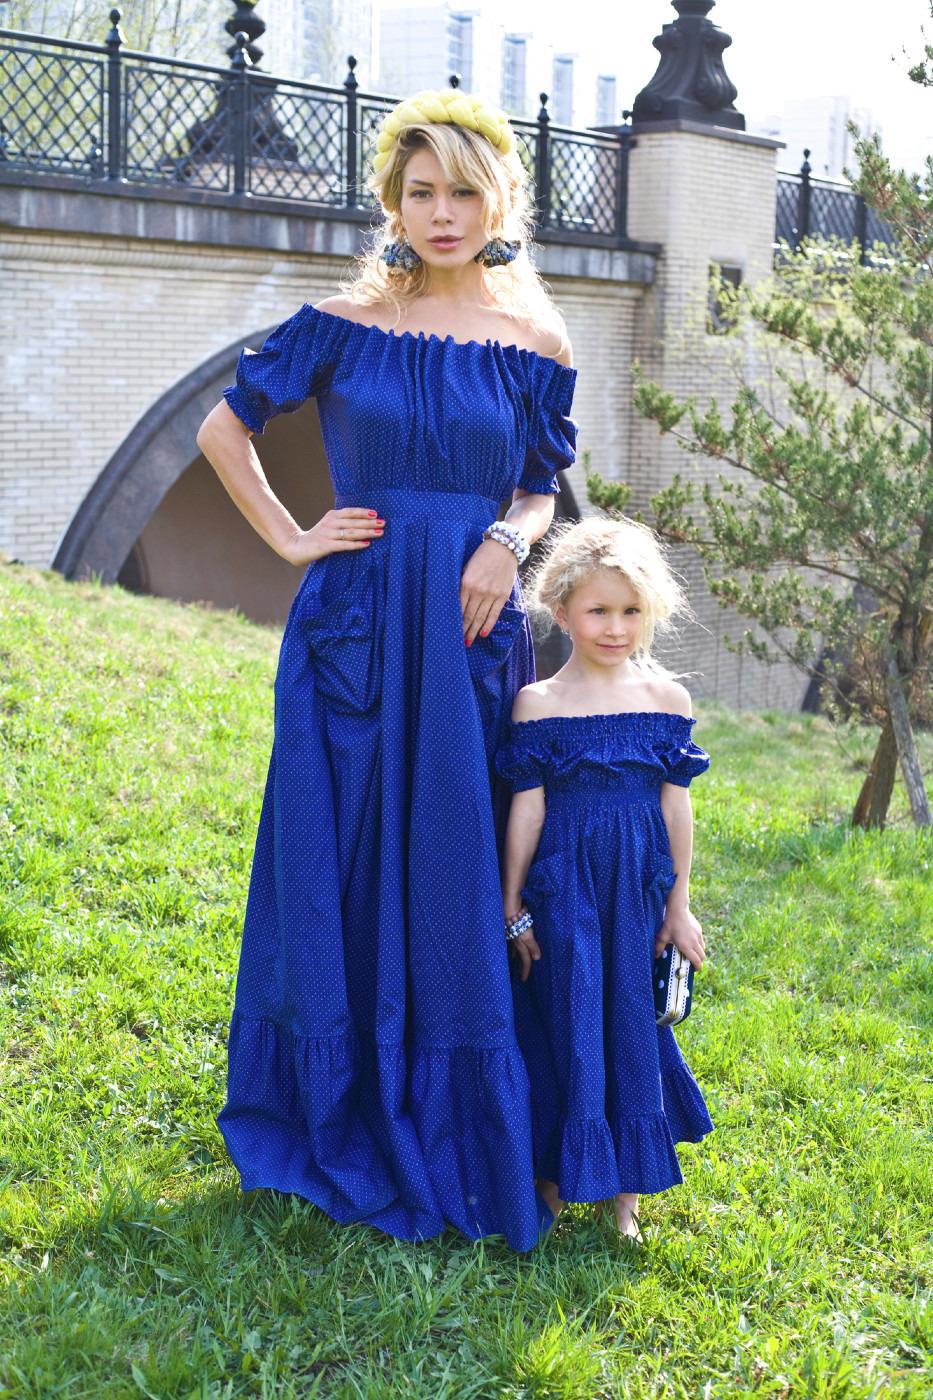 Фото в одежде и без мама и дочь 26 фотография